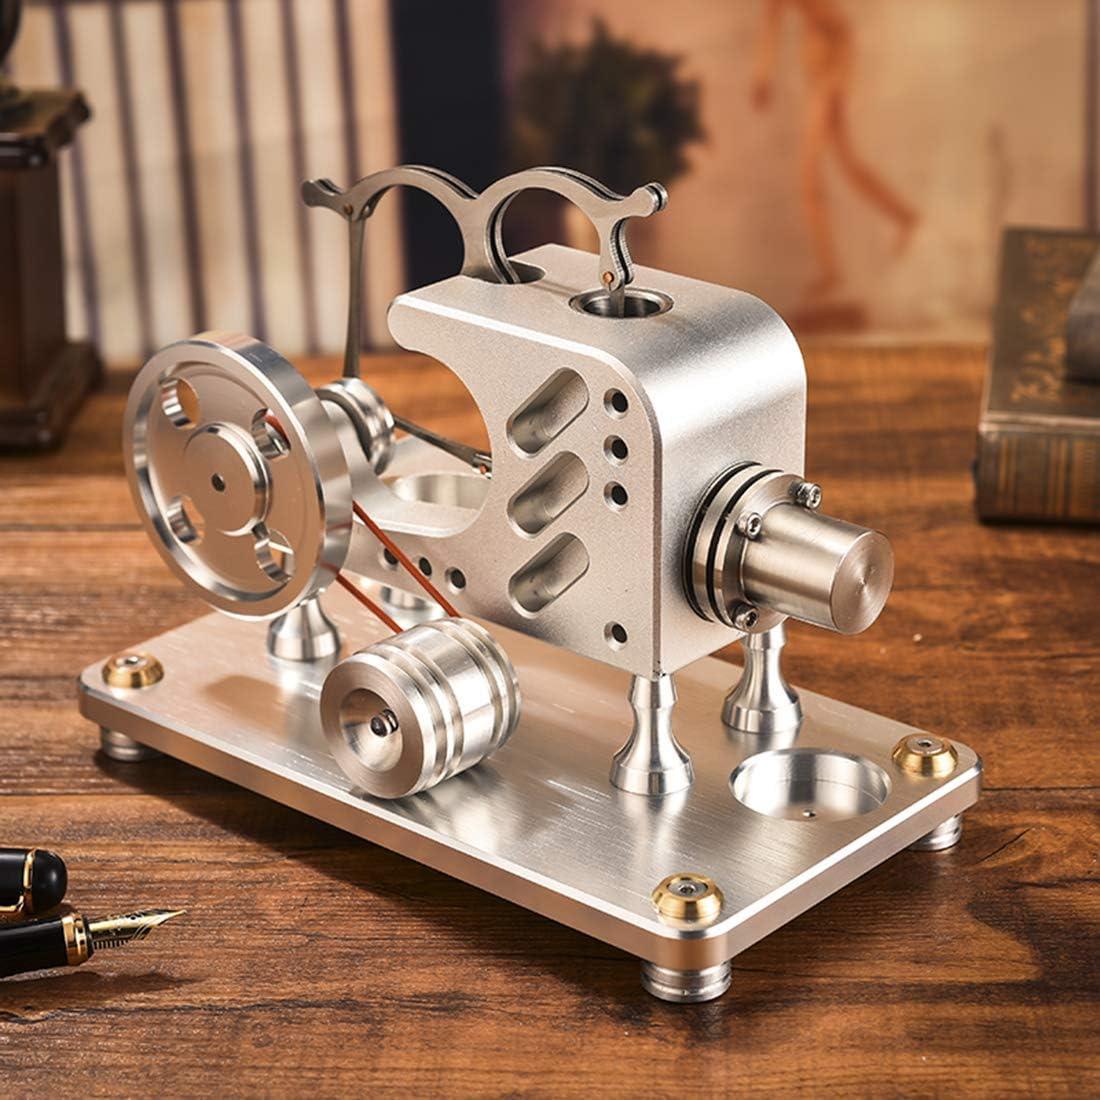 AMITD - Motor Externo de combustión para Motores de Stirlingmotor, Metal y balancín, Color Plateado: Amazon.es: Deportes y aire libre